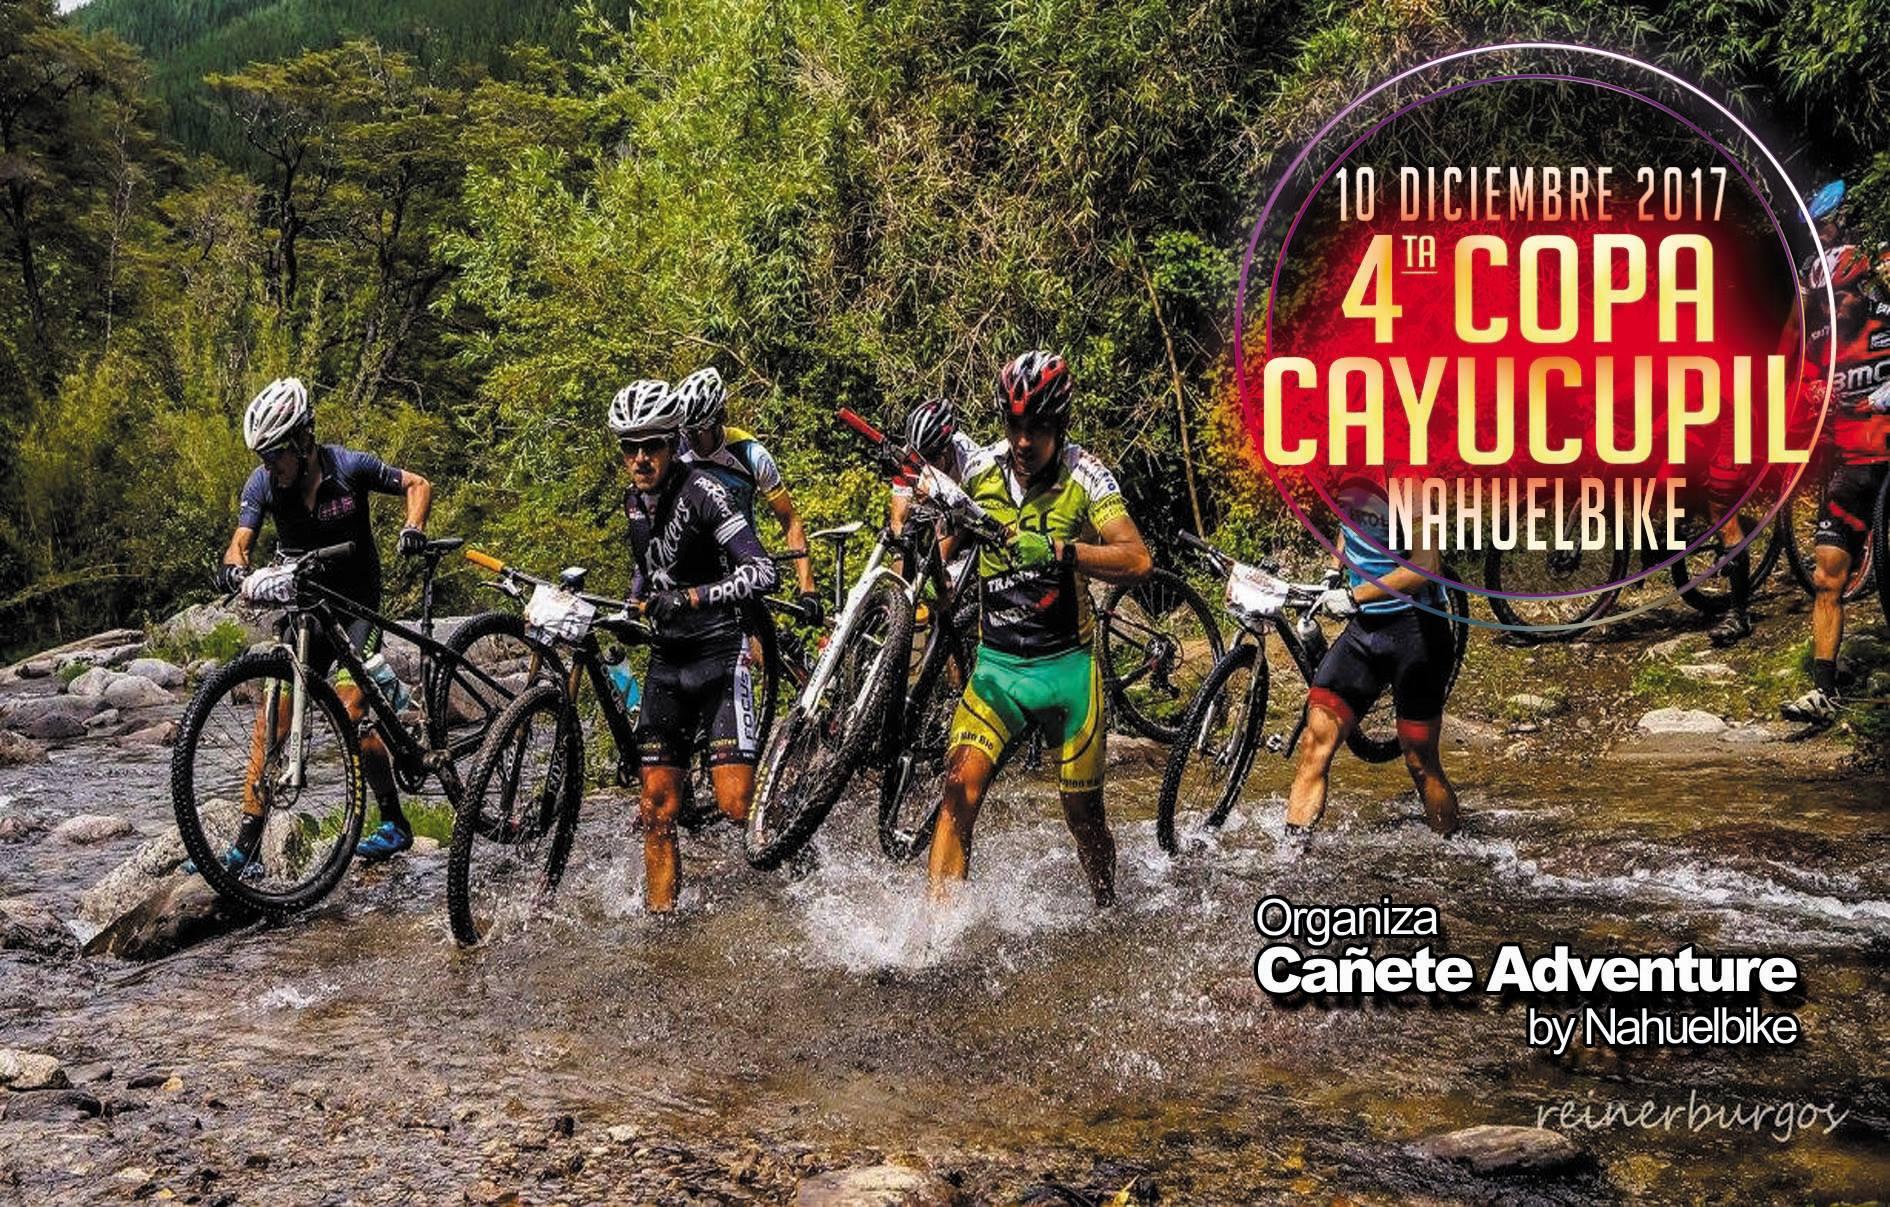 Copa Cayucupil